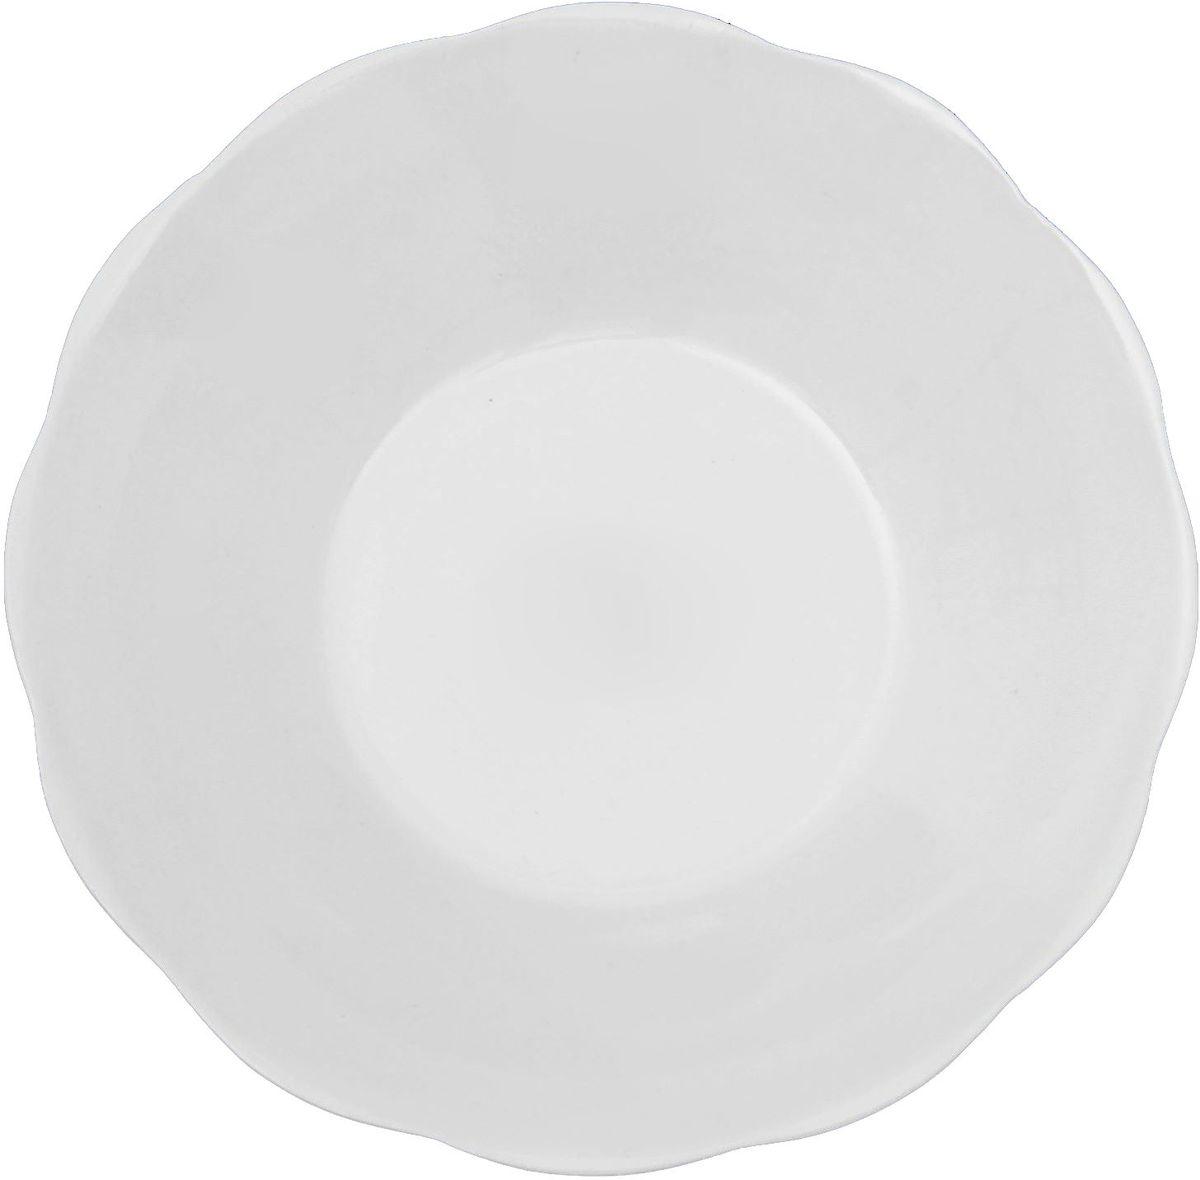 Тарелка Turon Porcelain Классика, диаметр 13 см1625426Узбекская посуда известна всему миру уже более тысячи лет. Ей любовались царские особы, на ней подавали еду шейхам и знатным персонам. Формула глазури передаётся из поколения в поколение. По сей день качественные изделия продолжают восхищать своей идеальной формой.Данный предмет подойдёт для повседневной и праздничной сервировки. Дополните стол текстилем и салфетками в тон, чтобы получить элегантное убранство с яркими акцентами.